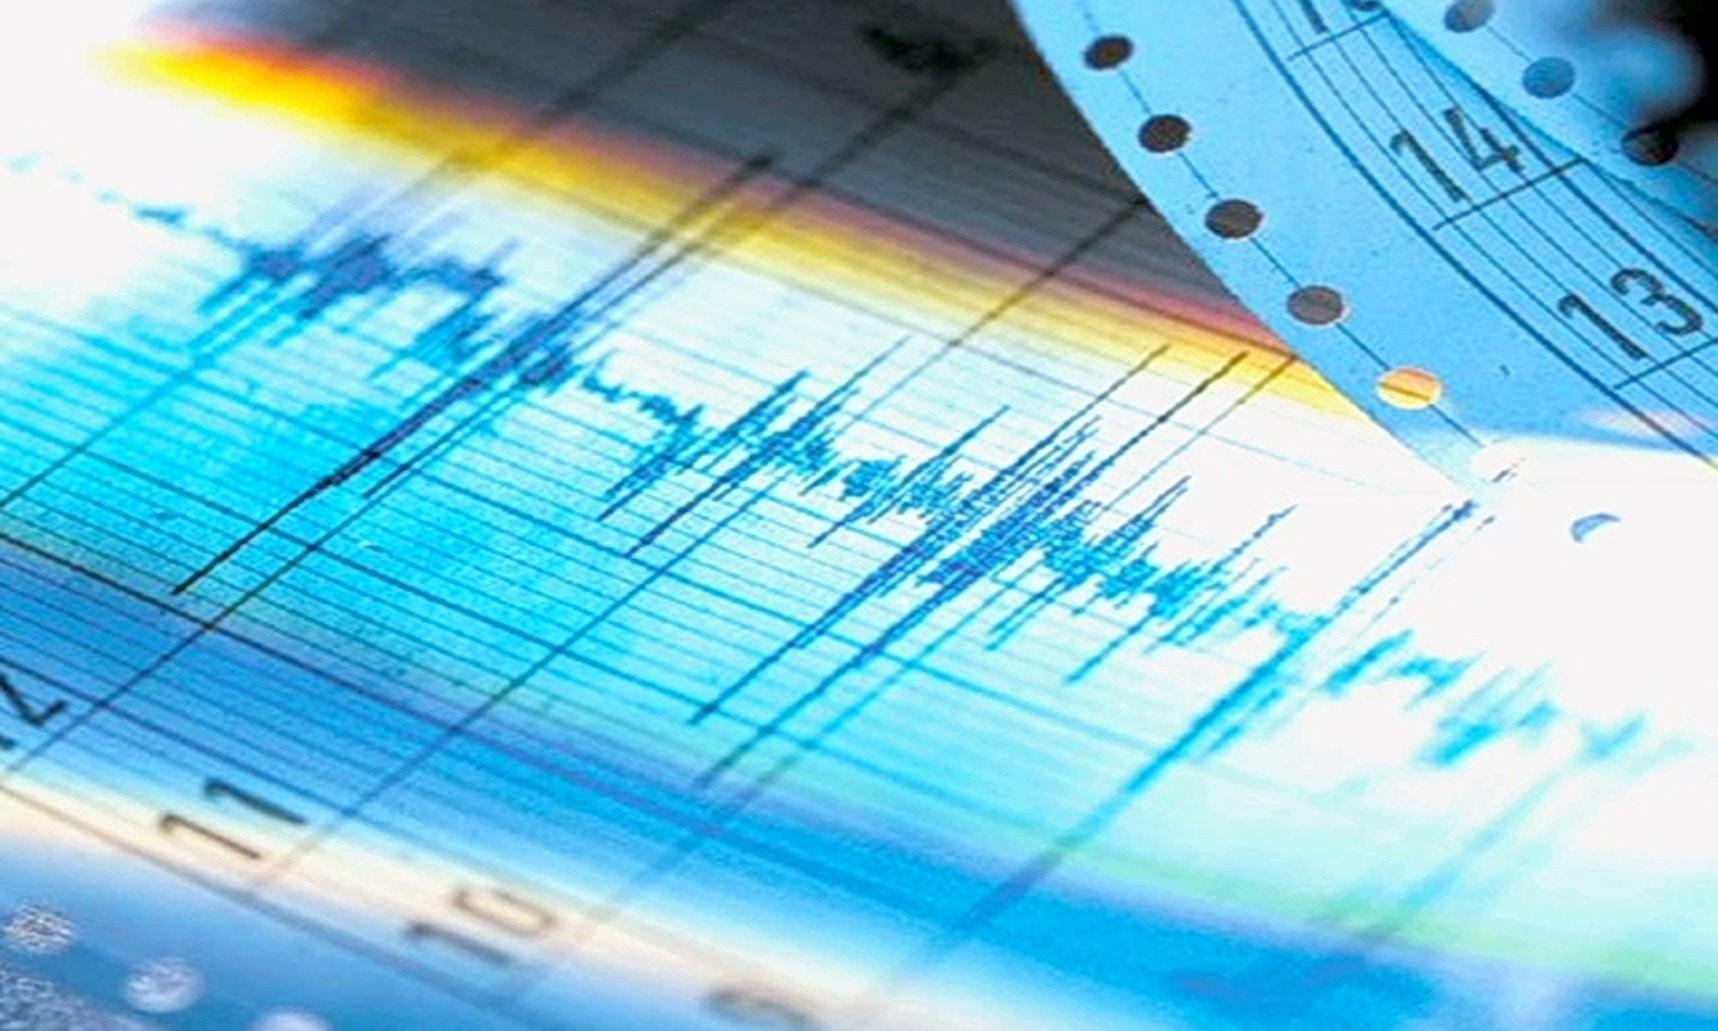 ВИркутске сила подземных толчков составила 2— Землетрясение наБайкале